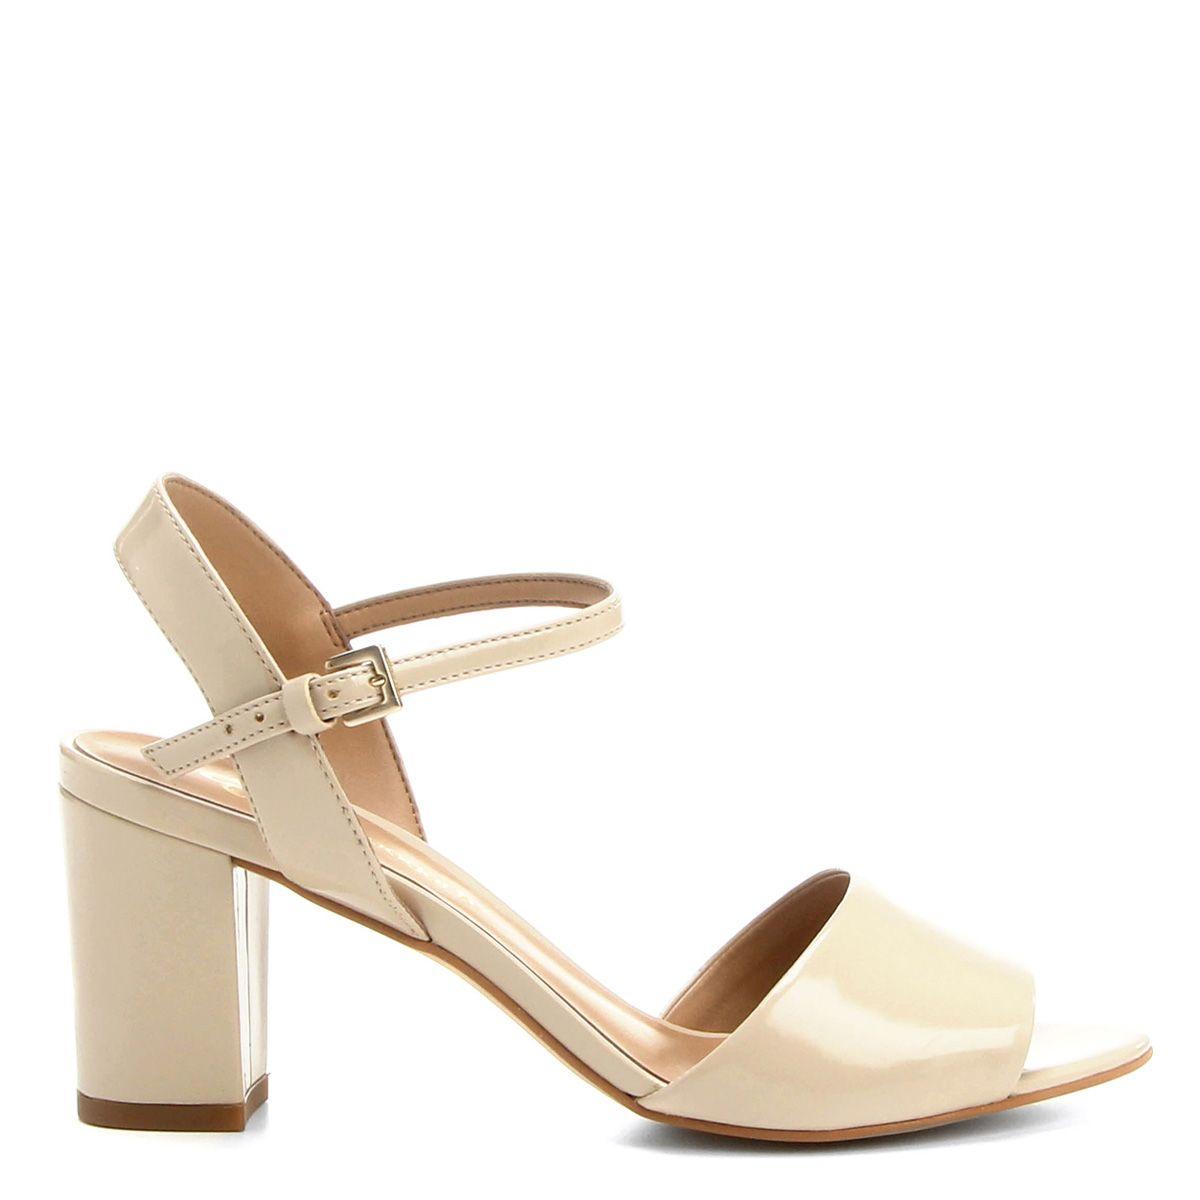 6e03bf9a0b Compre Sandália Capodarte Salto Grosso Nude na Zattini a nova loja de moda  online da Netshoes